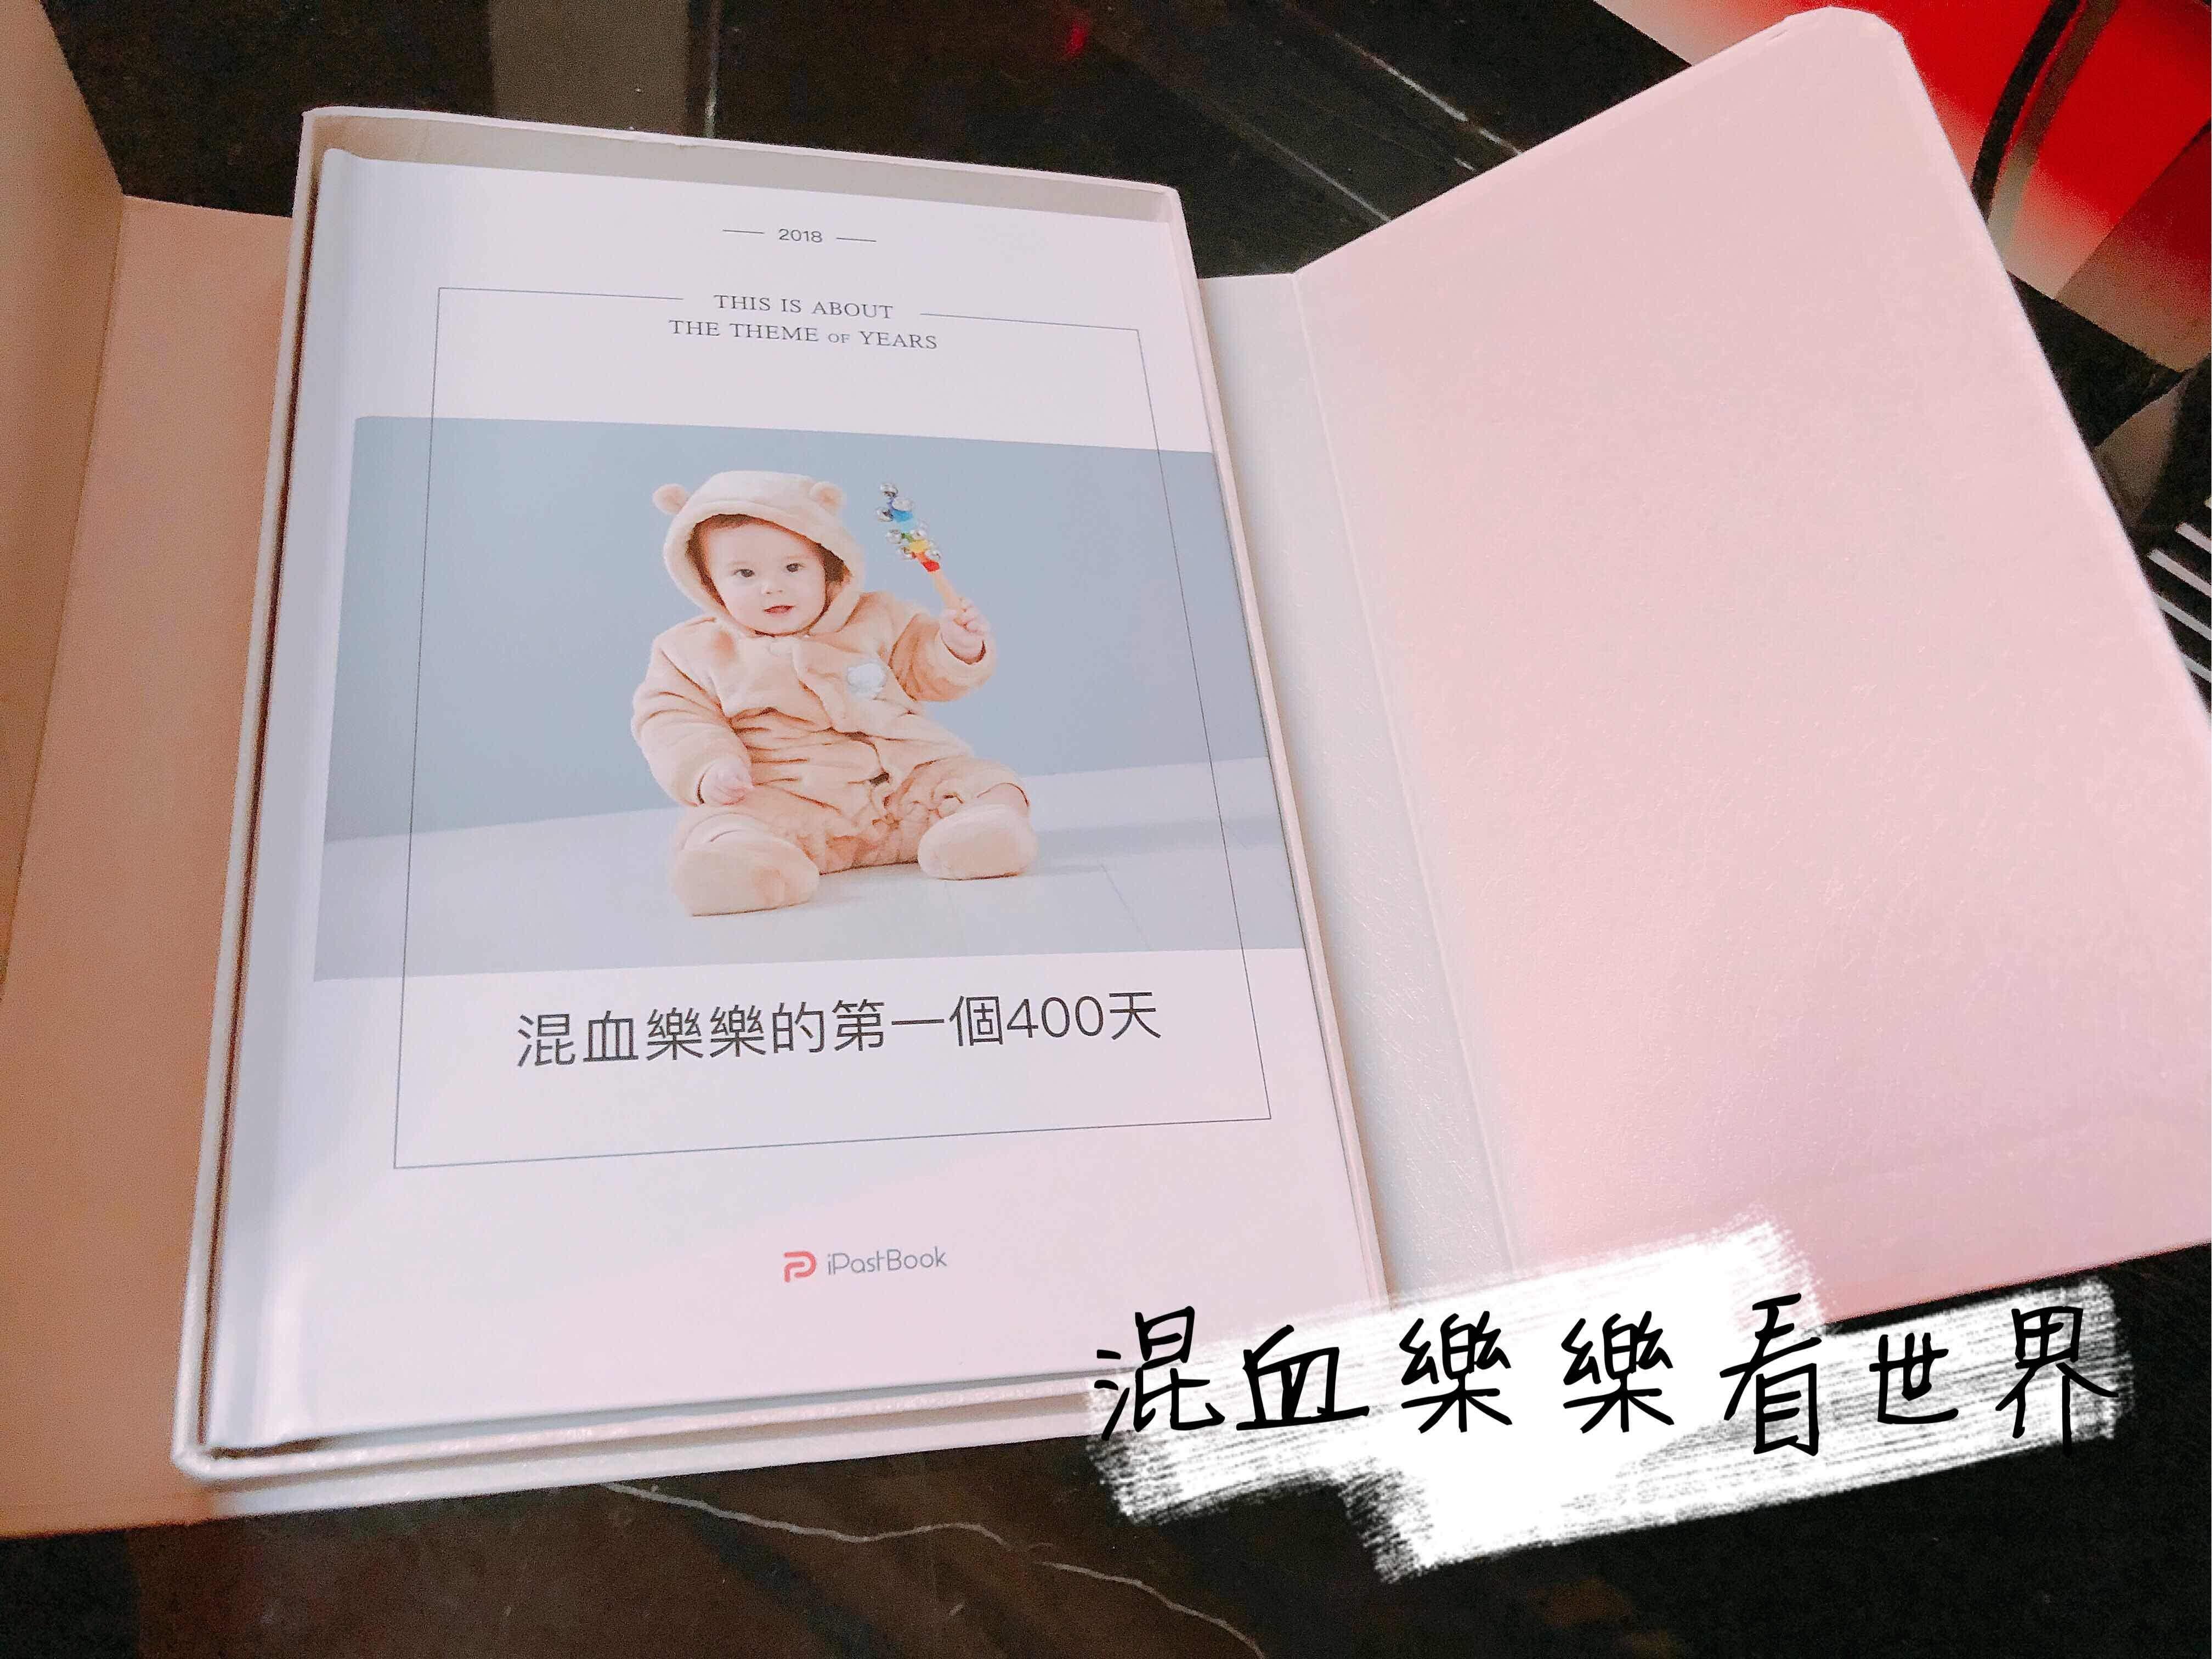 【好物推薦】回憶的真實臉「書」 iPastBook幫你簡單印出寶寶獨一無二的成長紀念書